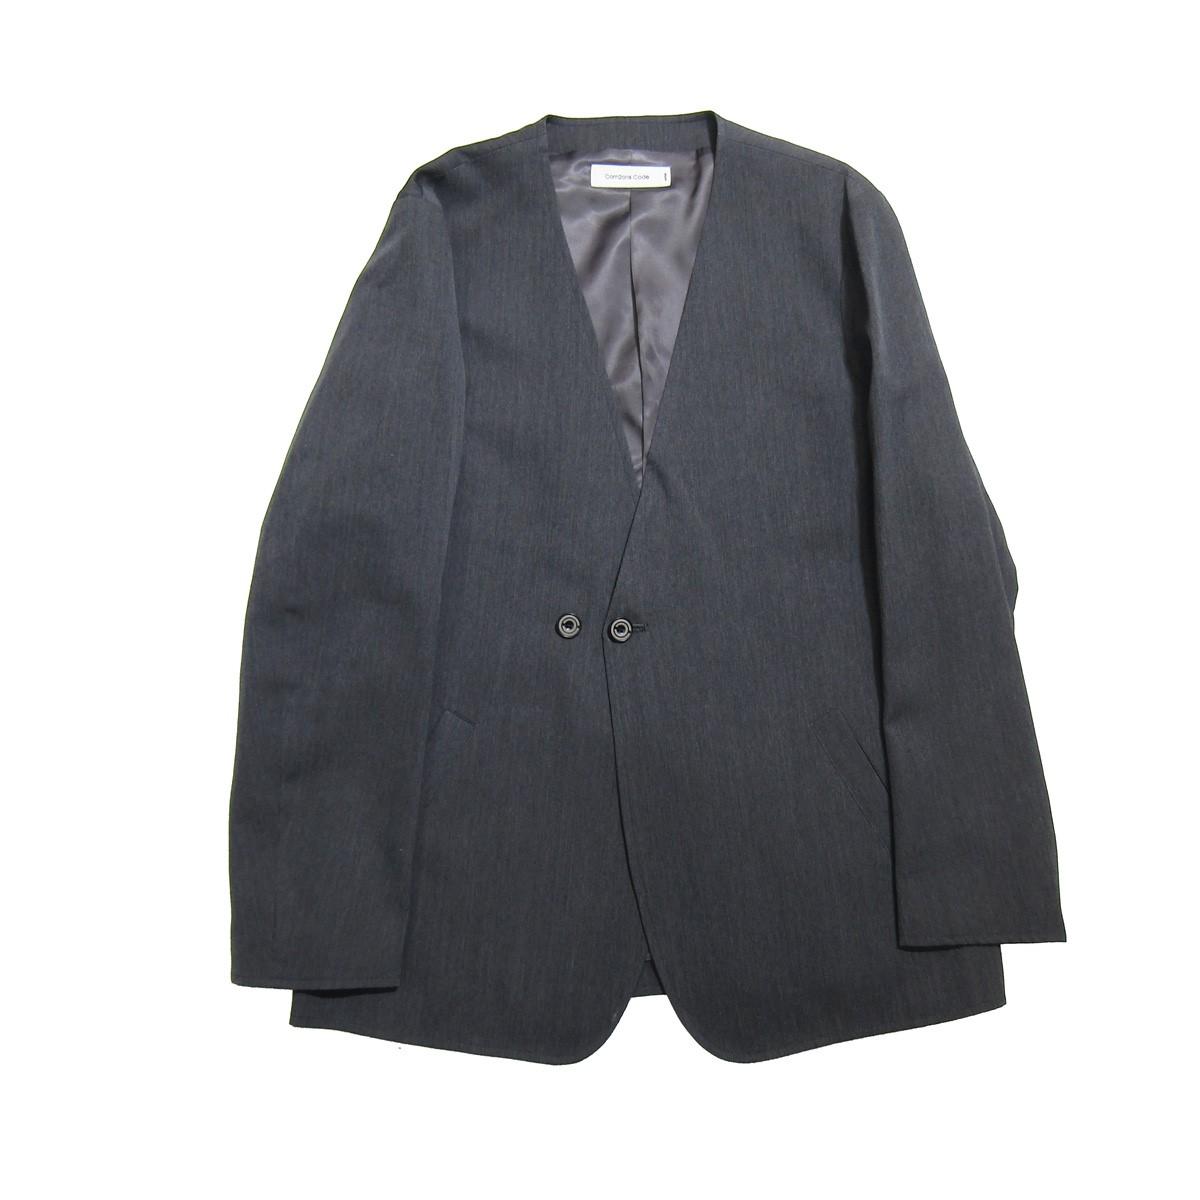 【中古】Com2ons Code ノーカラージャケット グレー サイズ:1 【170420】(コモンスコード)